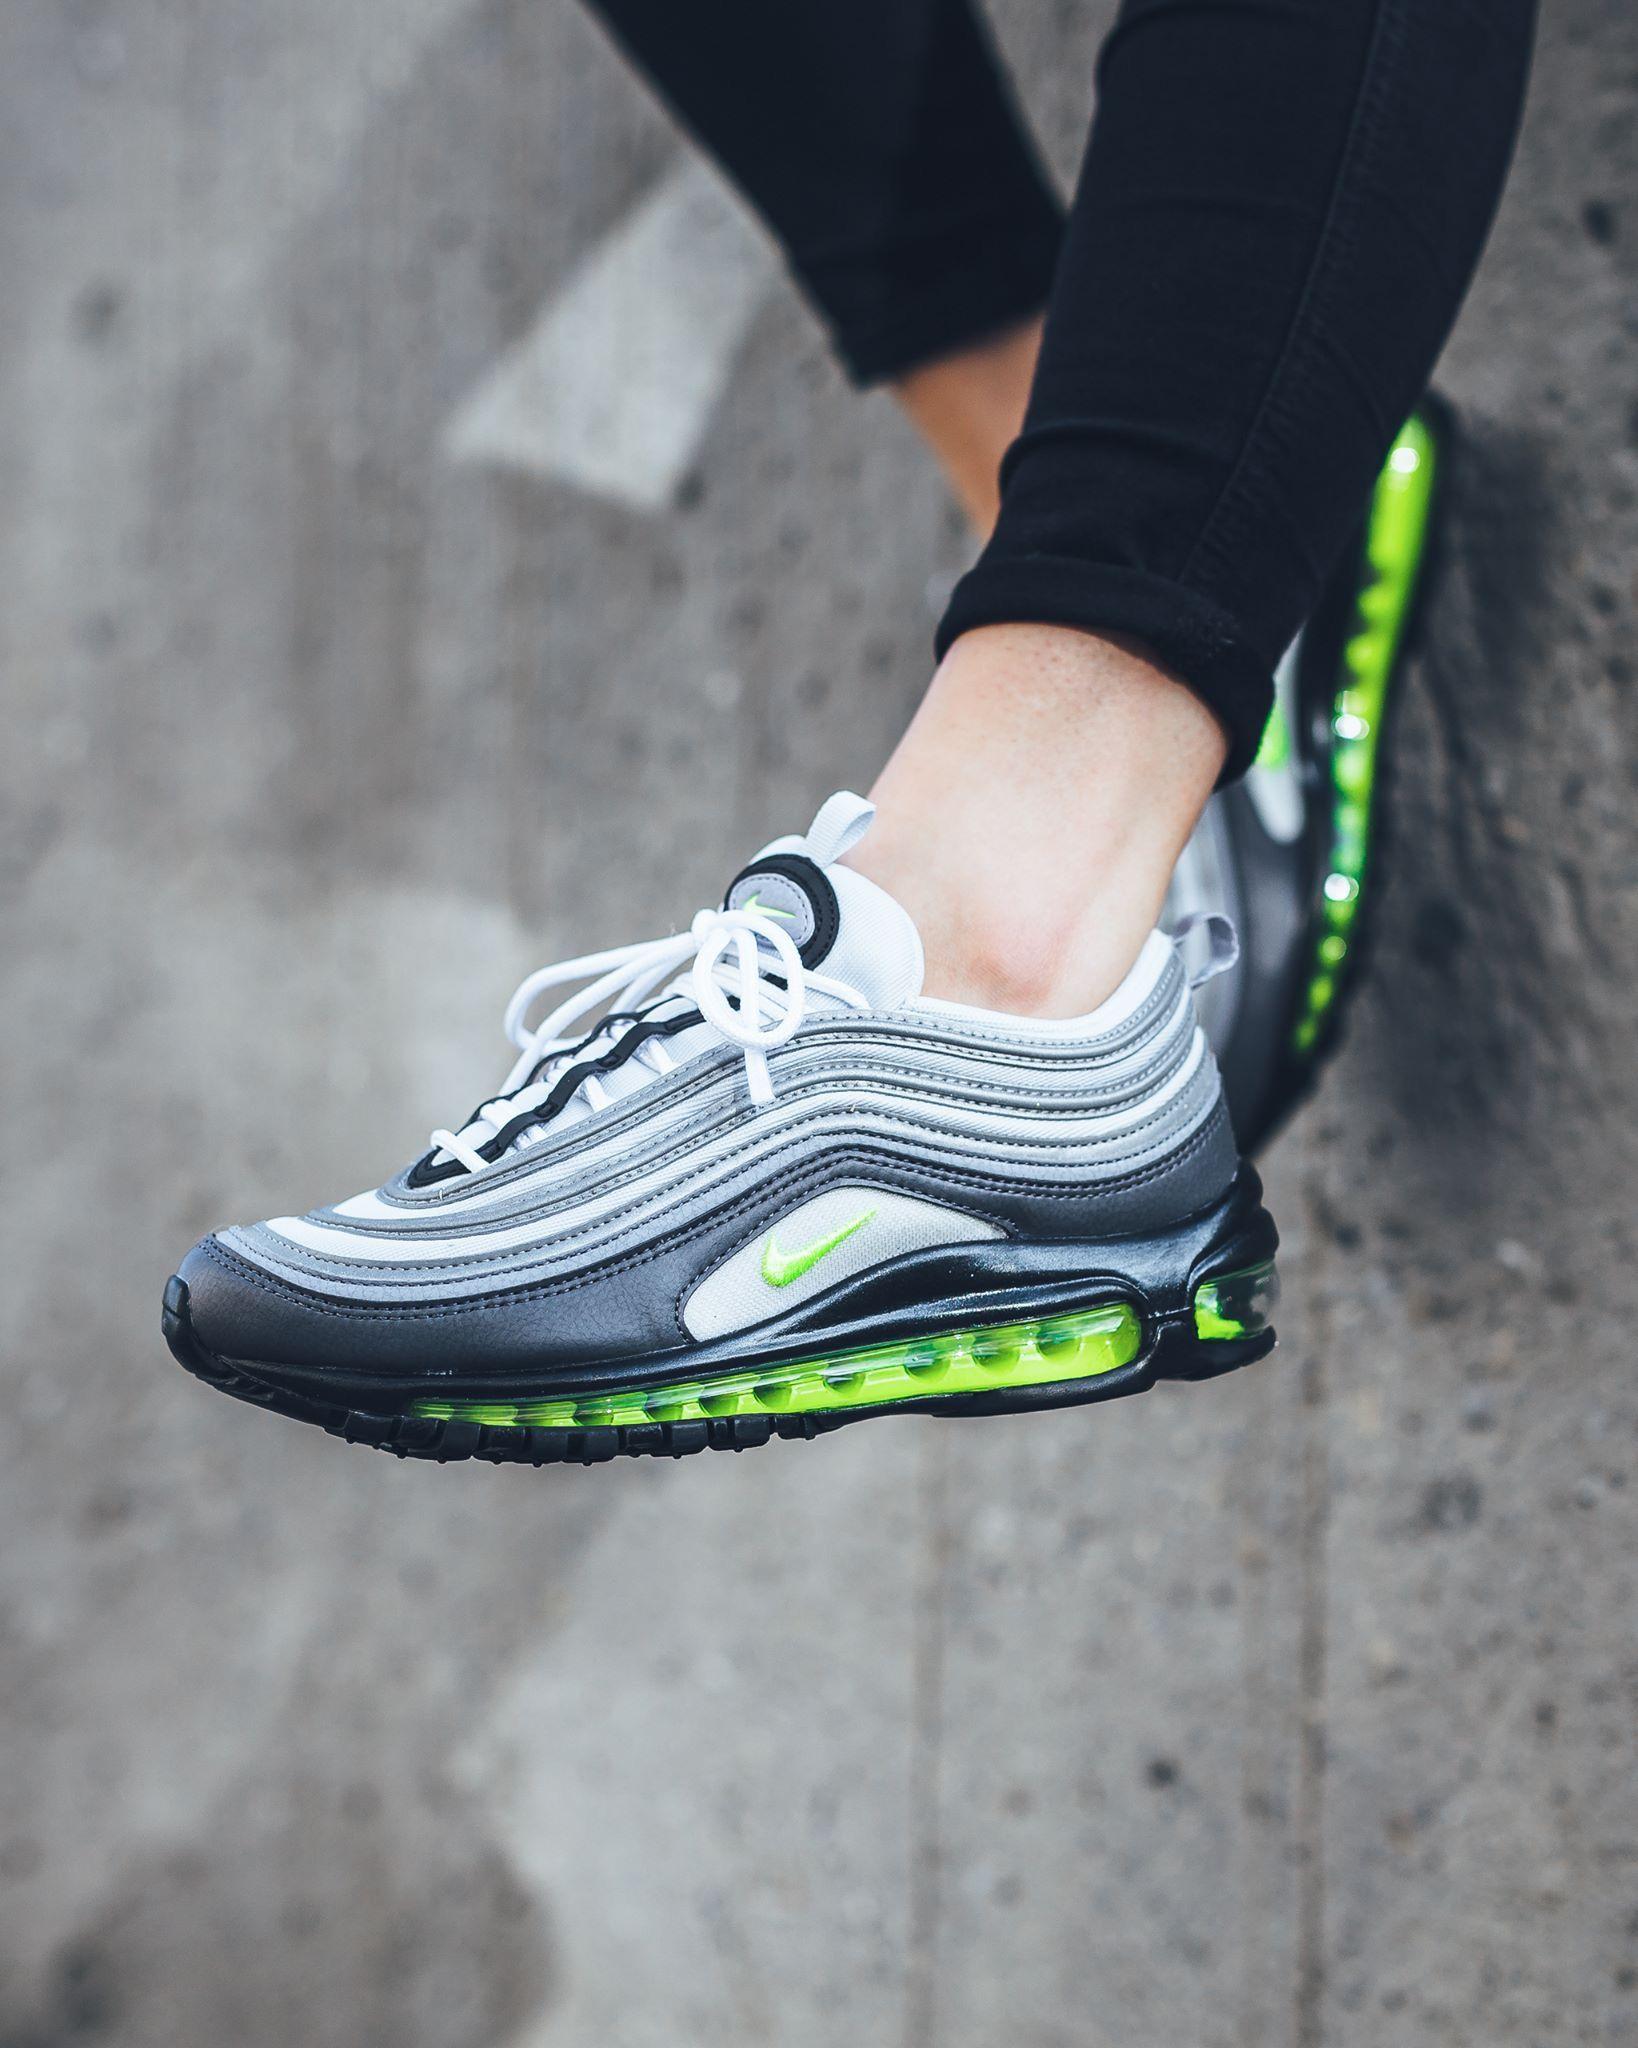 b50fd0747a5a1 Nike Air Max 97   Kicks   Chaussures nike, Nike, Chaussure